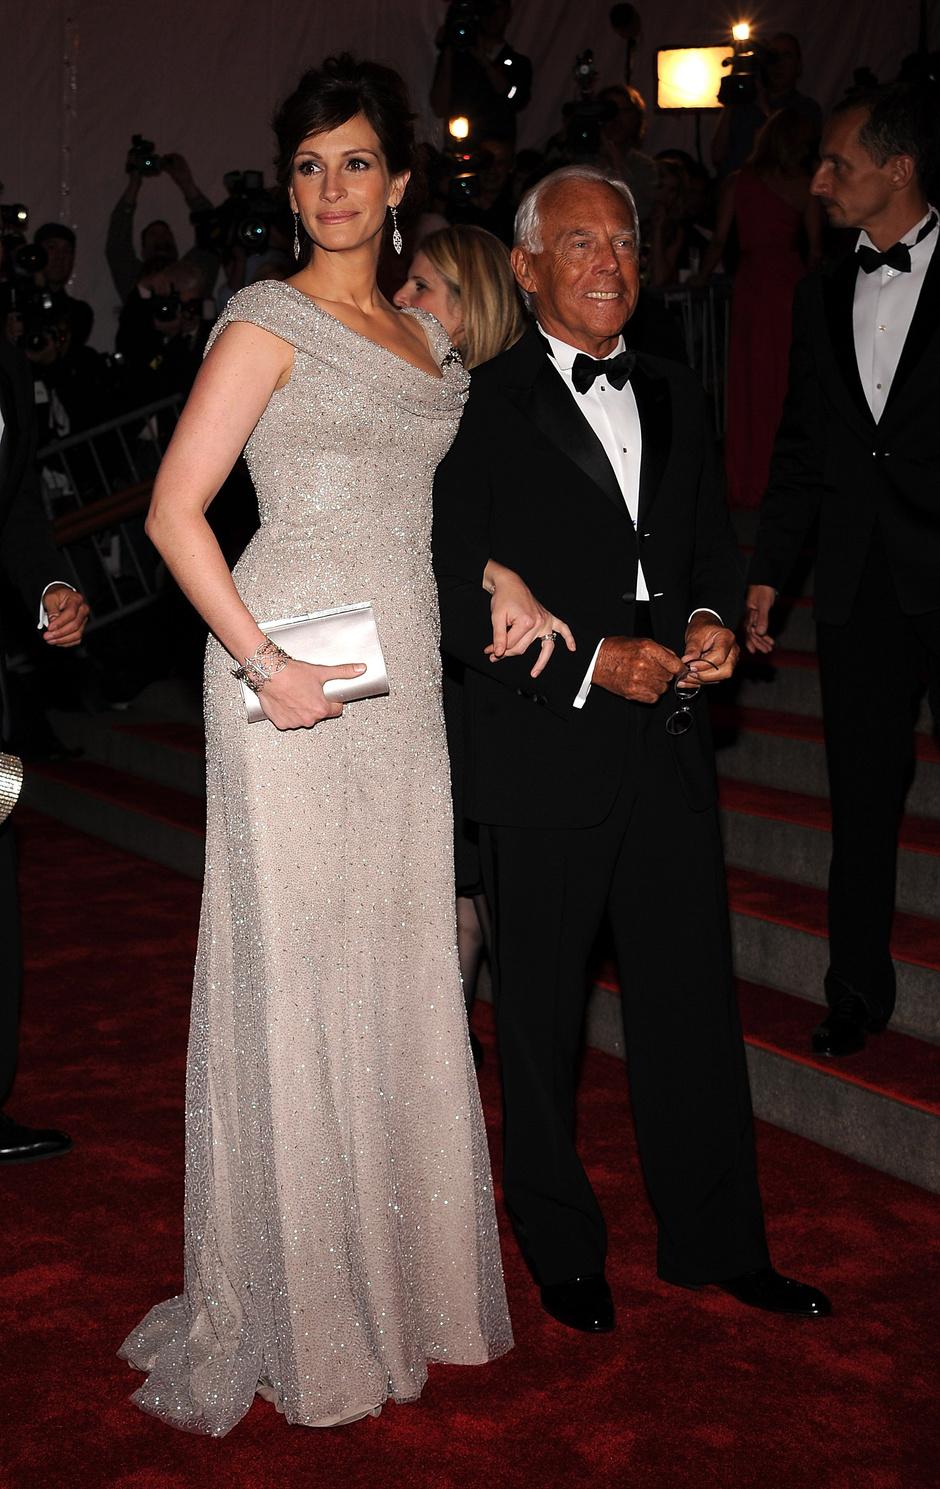 Джулия Робертс и Джорджо Армани, 2008 год